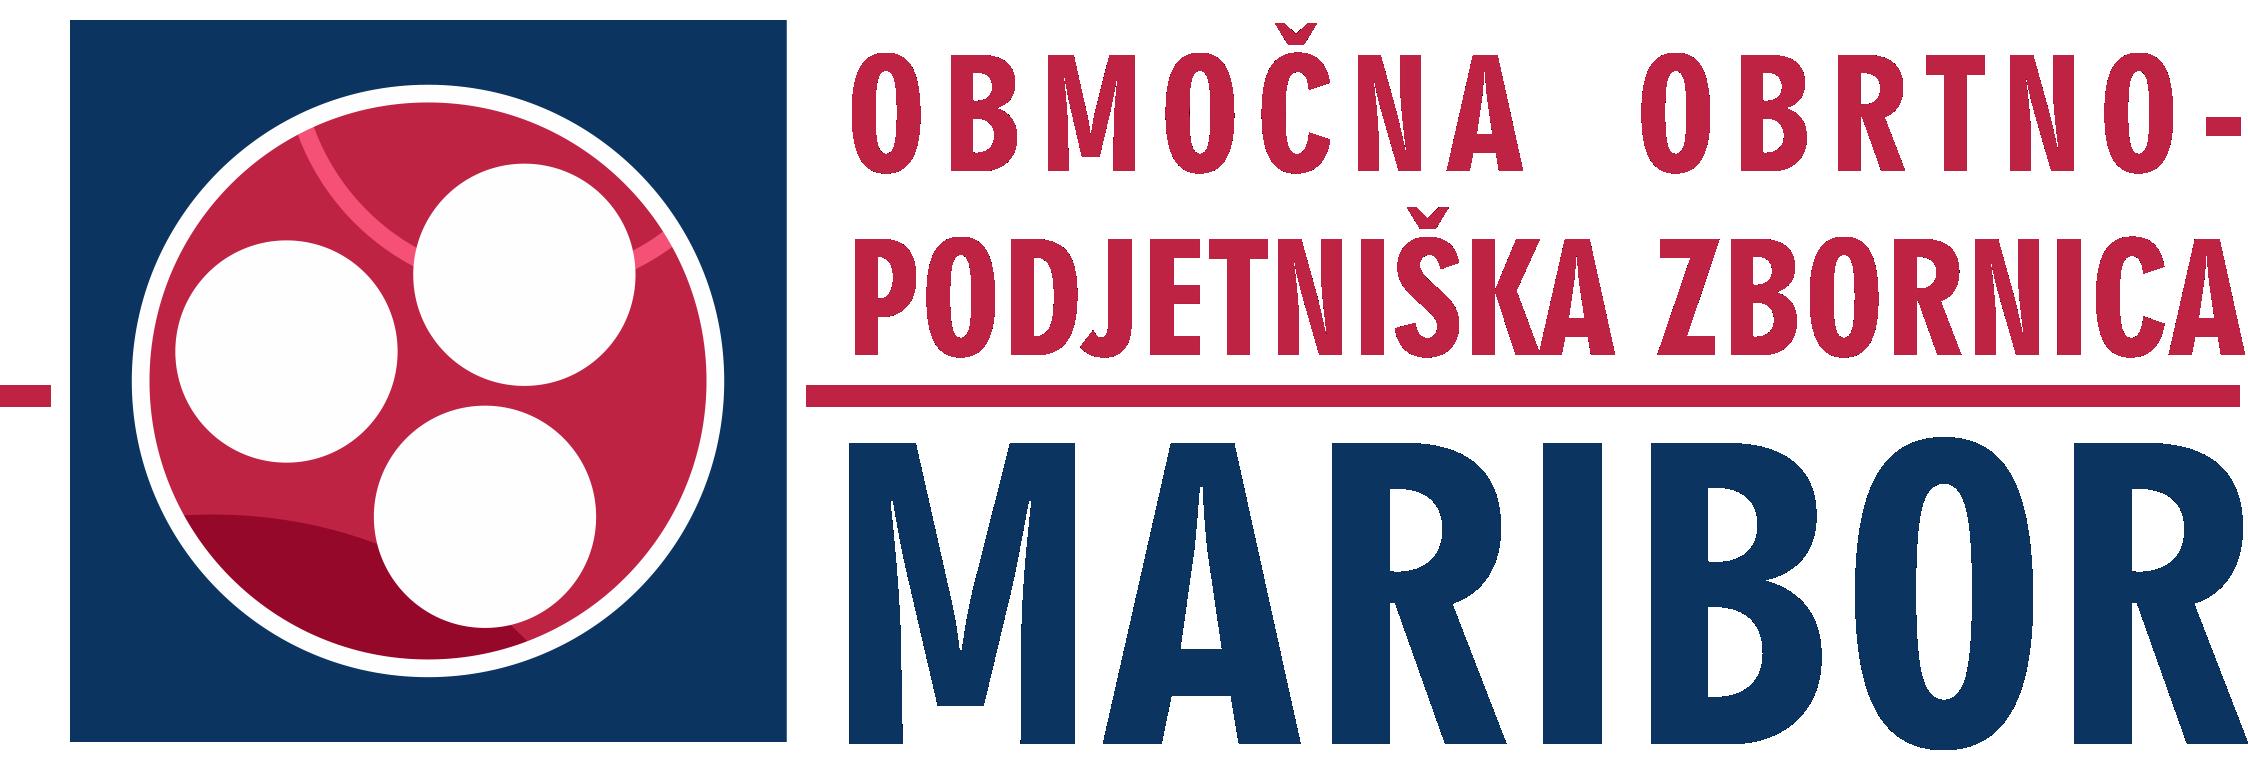 OOZ Maribor – Območna obrtno podjetniška zbornica Maribor